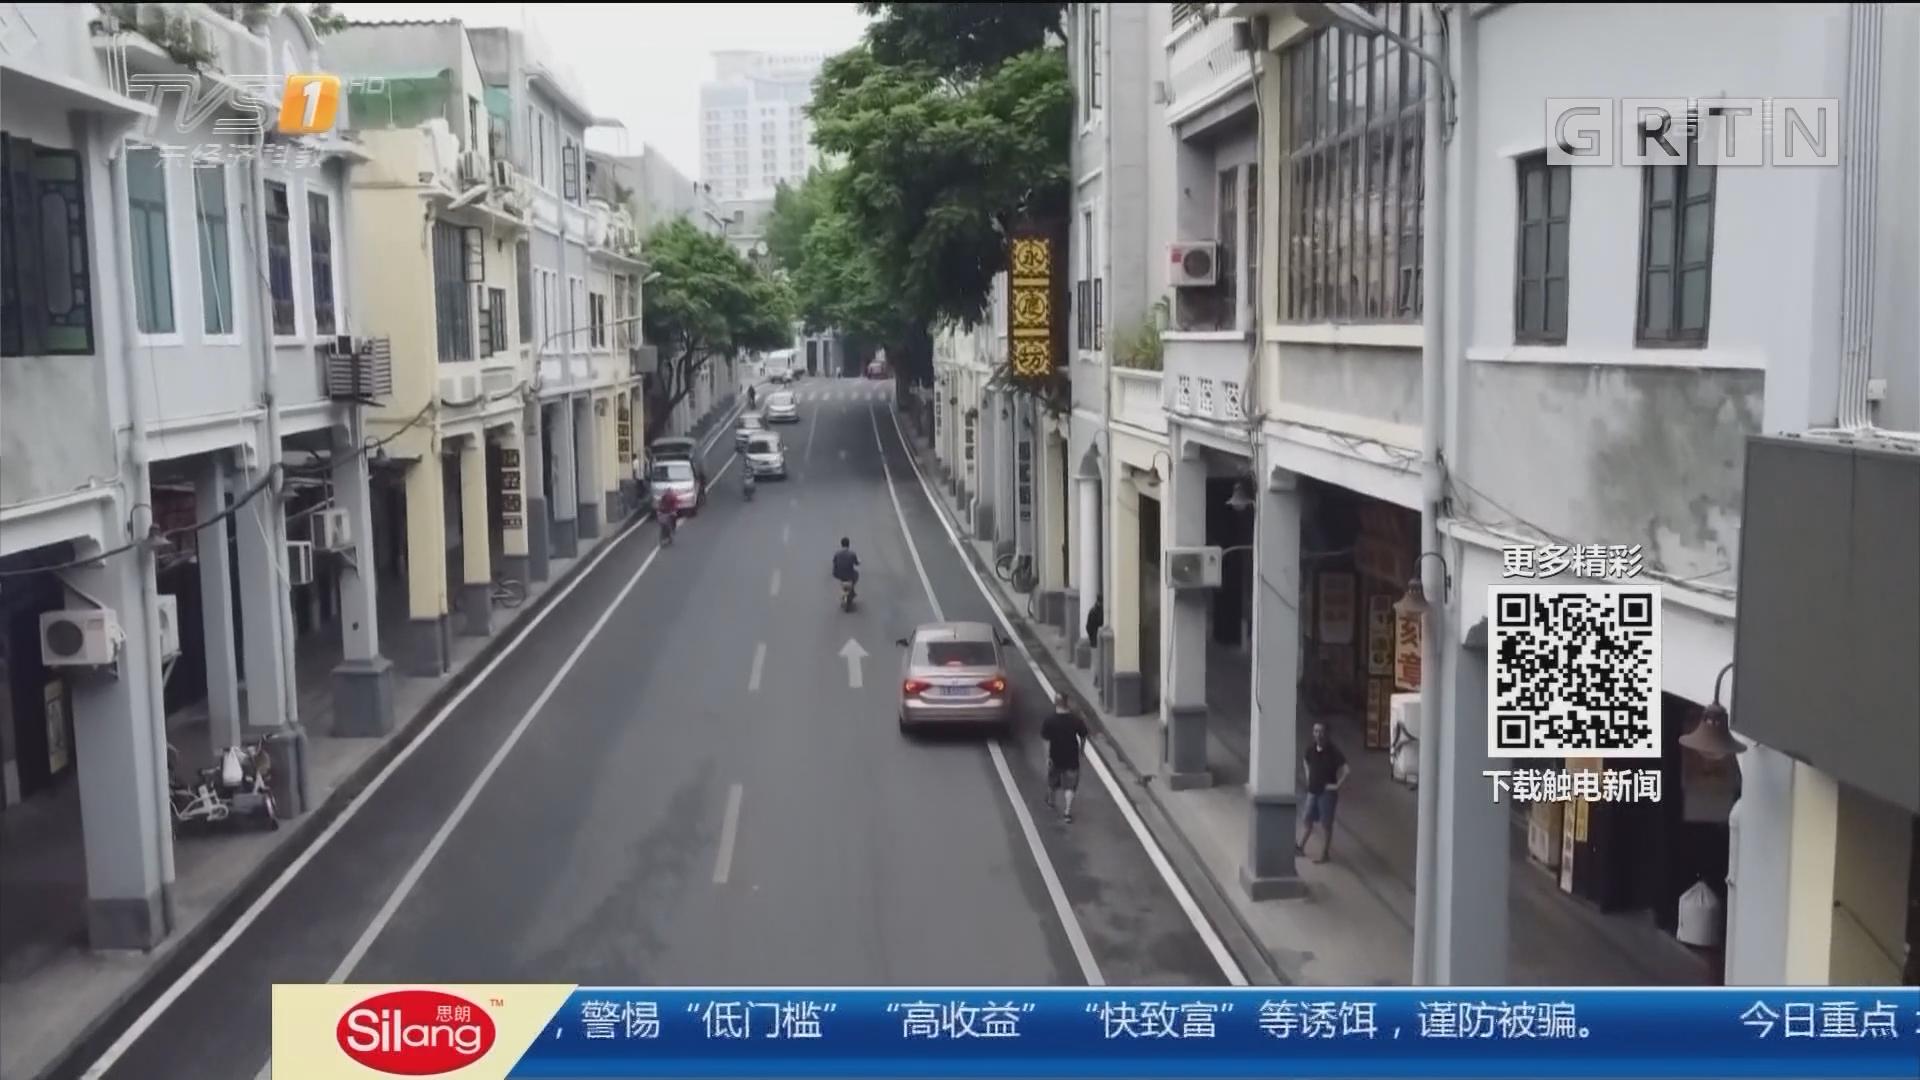 广州荔湾区恩宁路:社区微改造提升老街魅力 改善民生